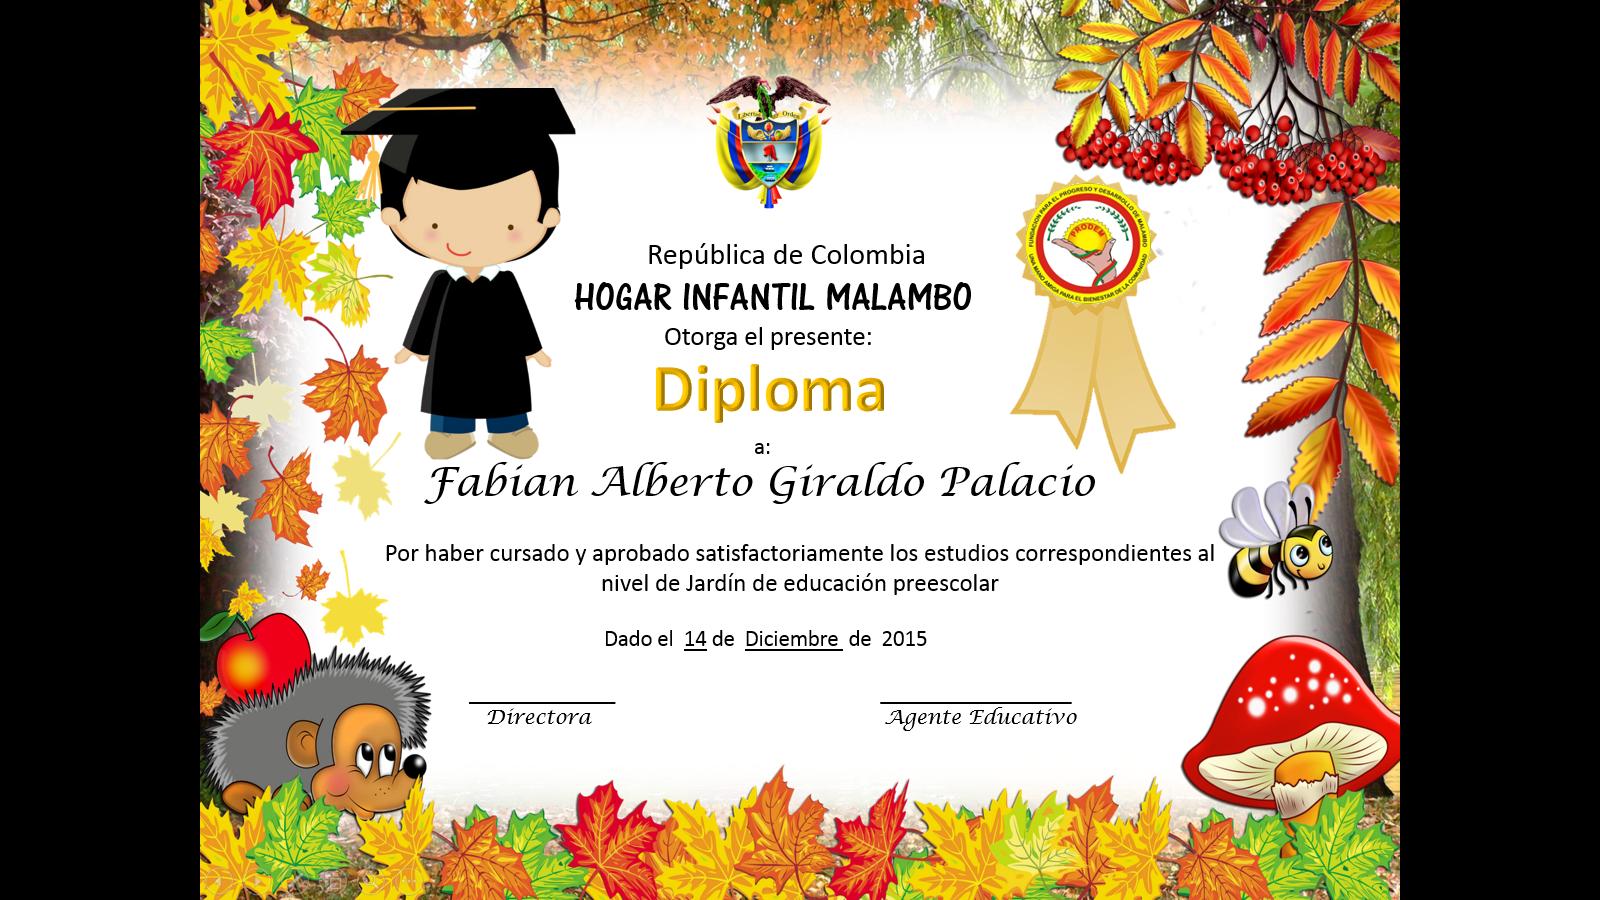 Diploma Nino Diplomas Hogar Infantil Educacion Preescolar